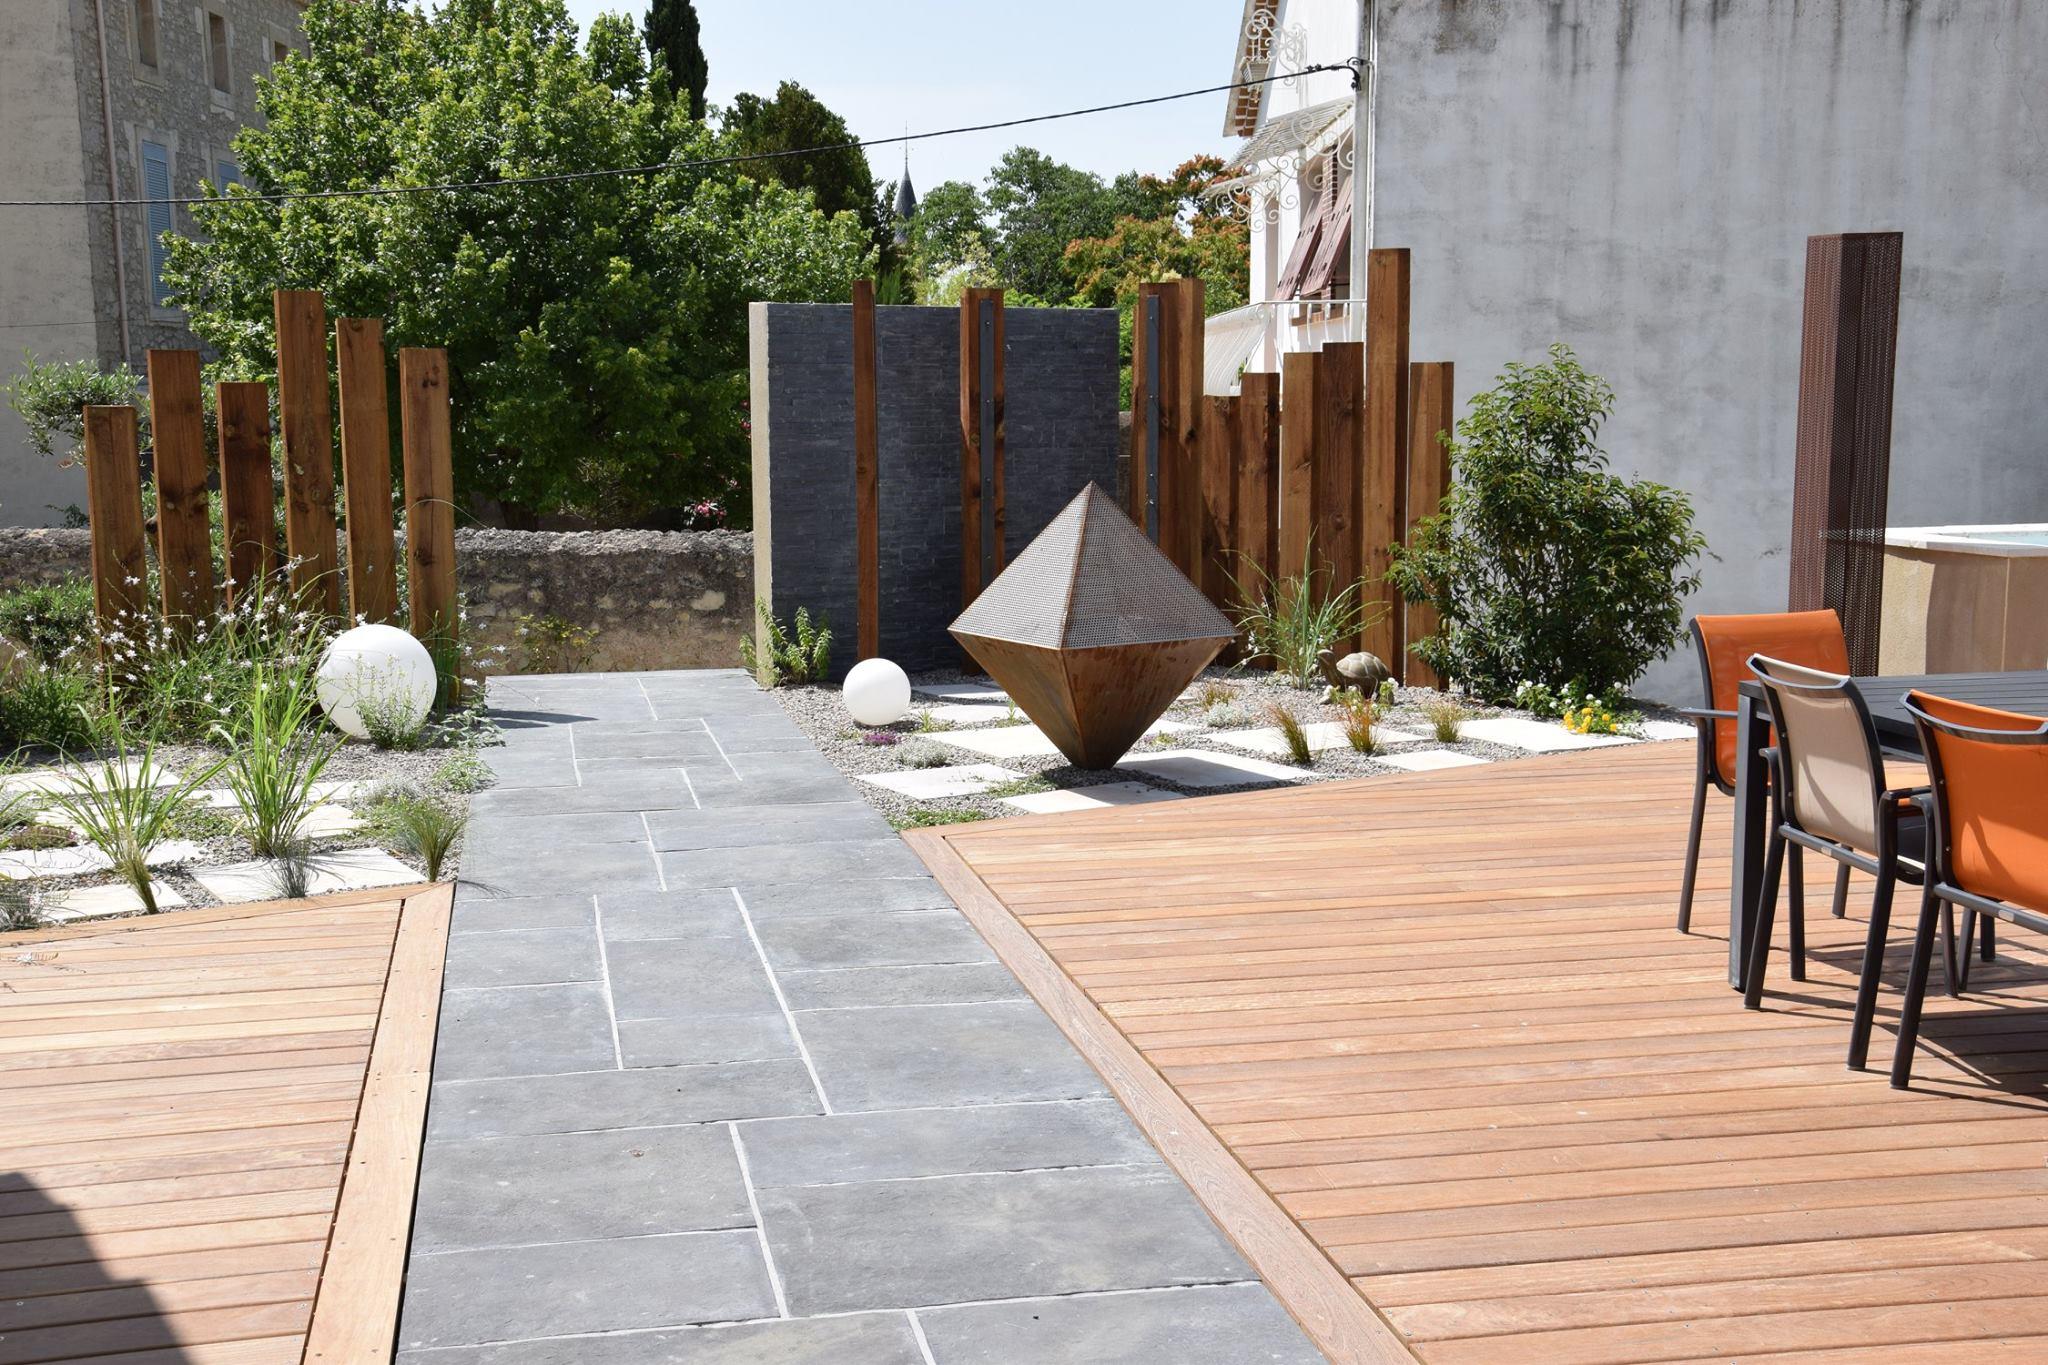 paysagiste montpellier amenagement jardin decoration jardin. Black Bedroom Furniture Sets. Home Design Ideas